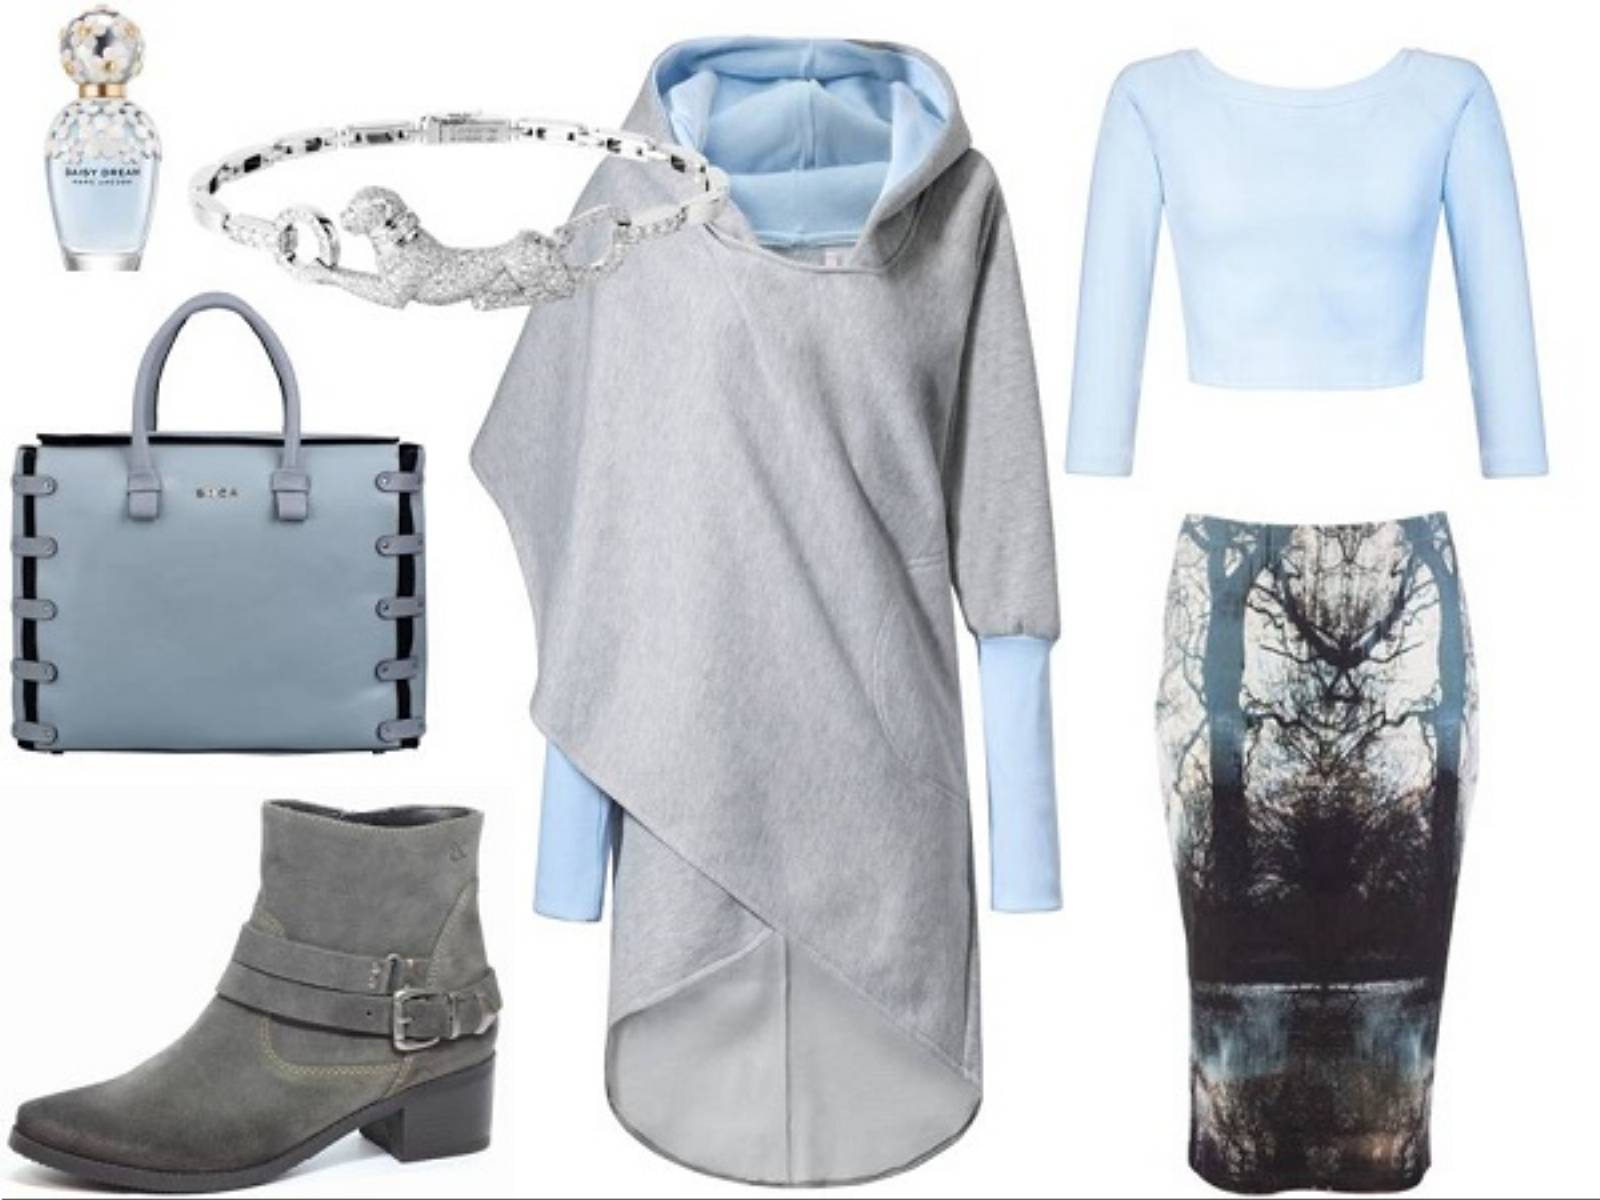 Jak Nosi Swetry Gotowe Stylizacje Dla Niej I Dla Niego